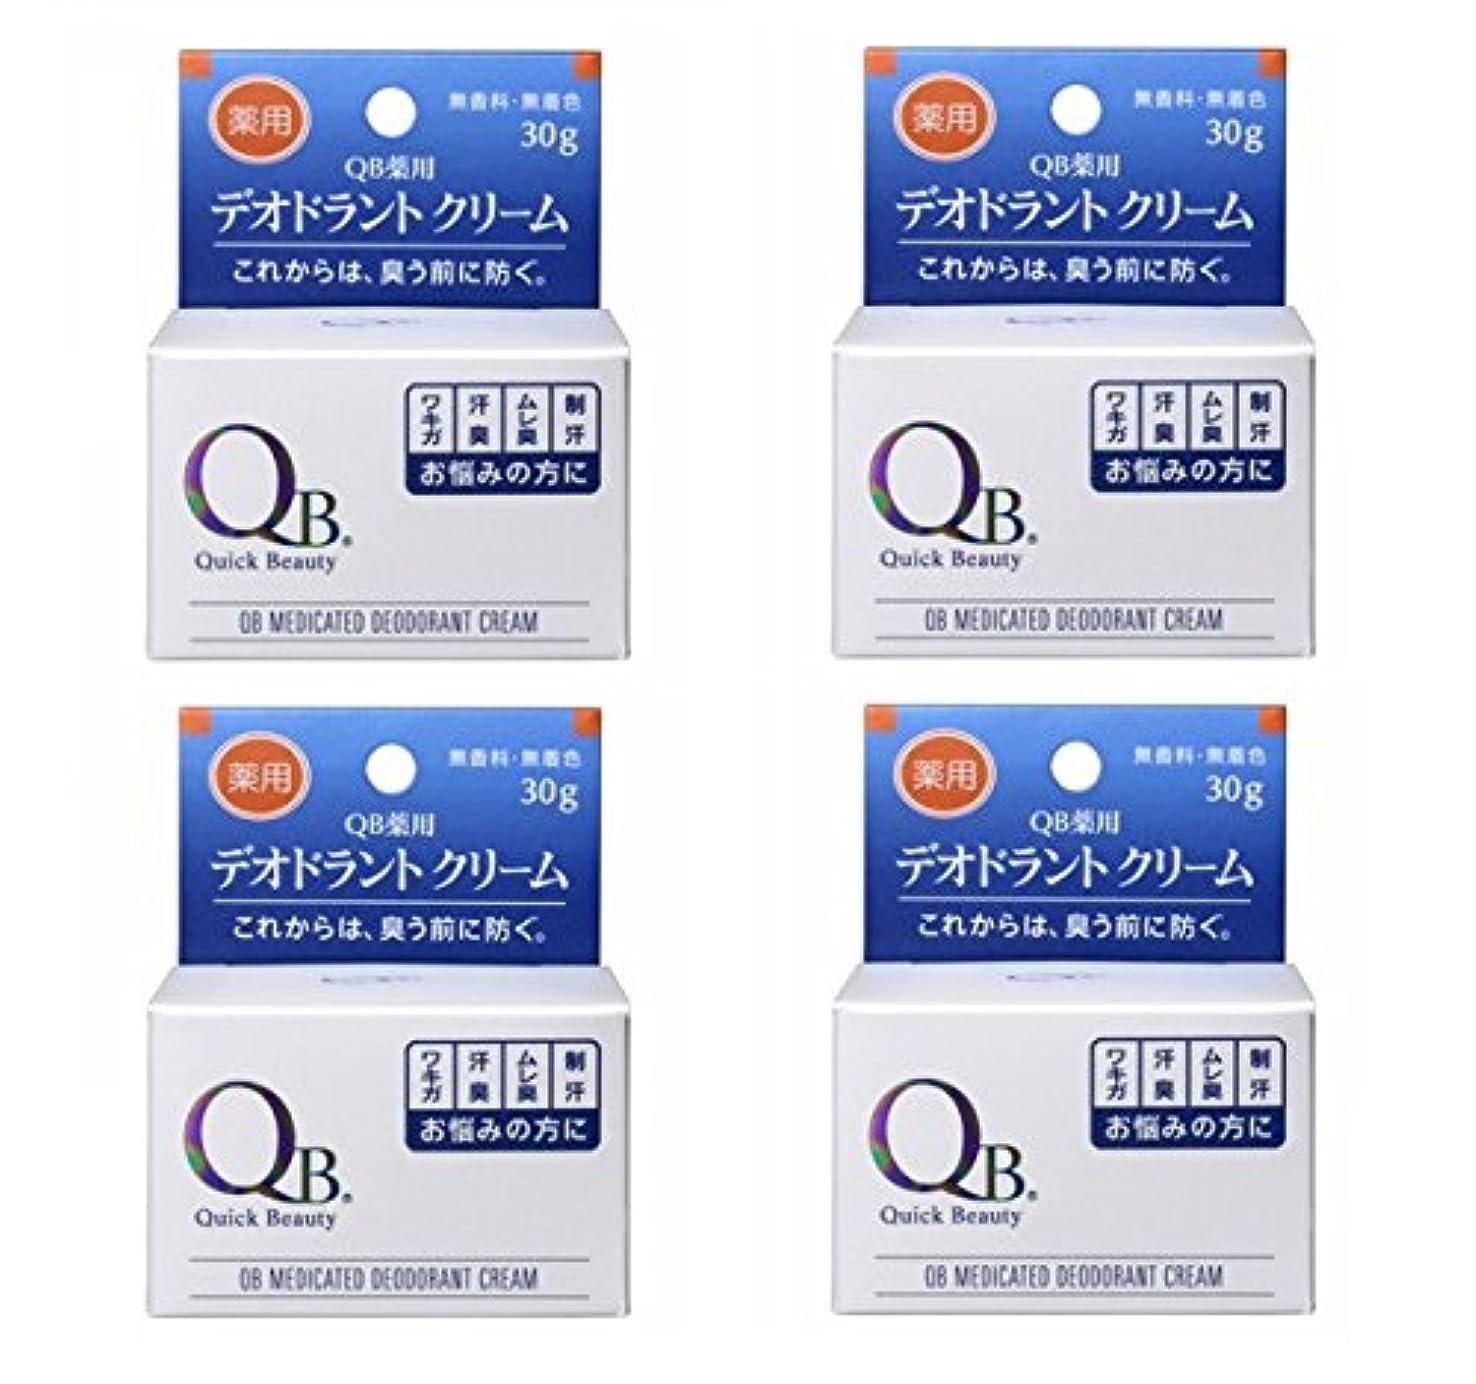 唇用心深い小説家【×4個】 QB 薬用デオドラントクリーム 30g 【国内正規品】